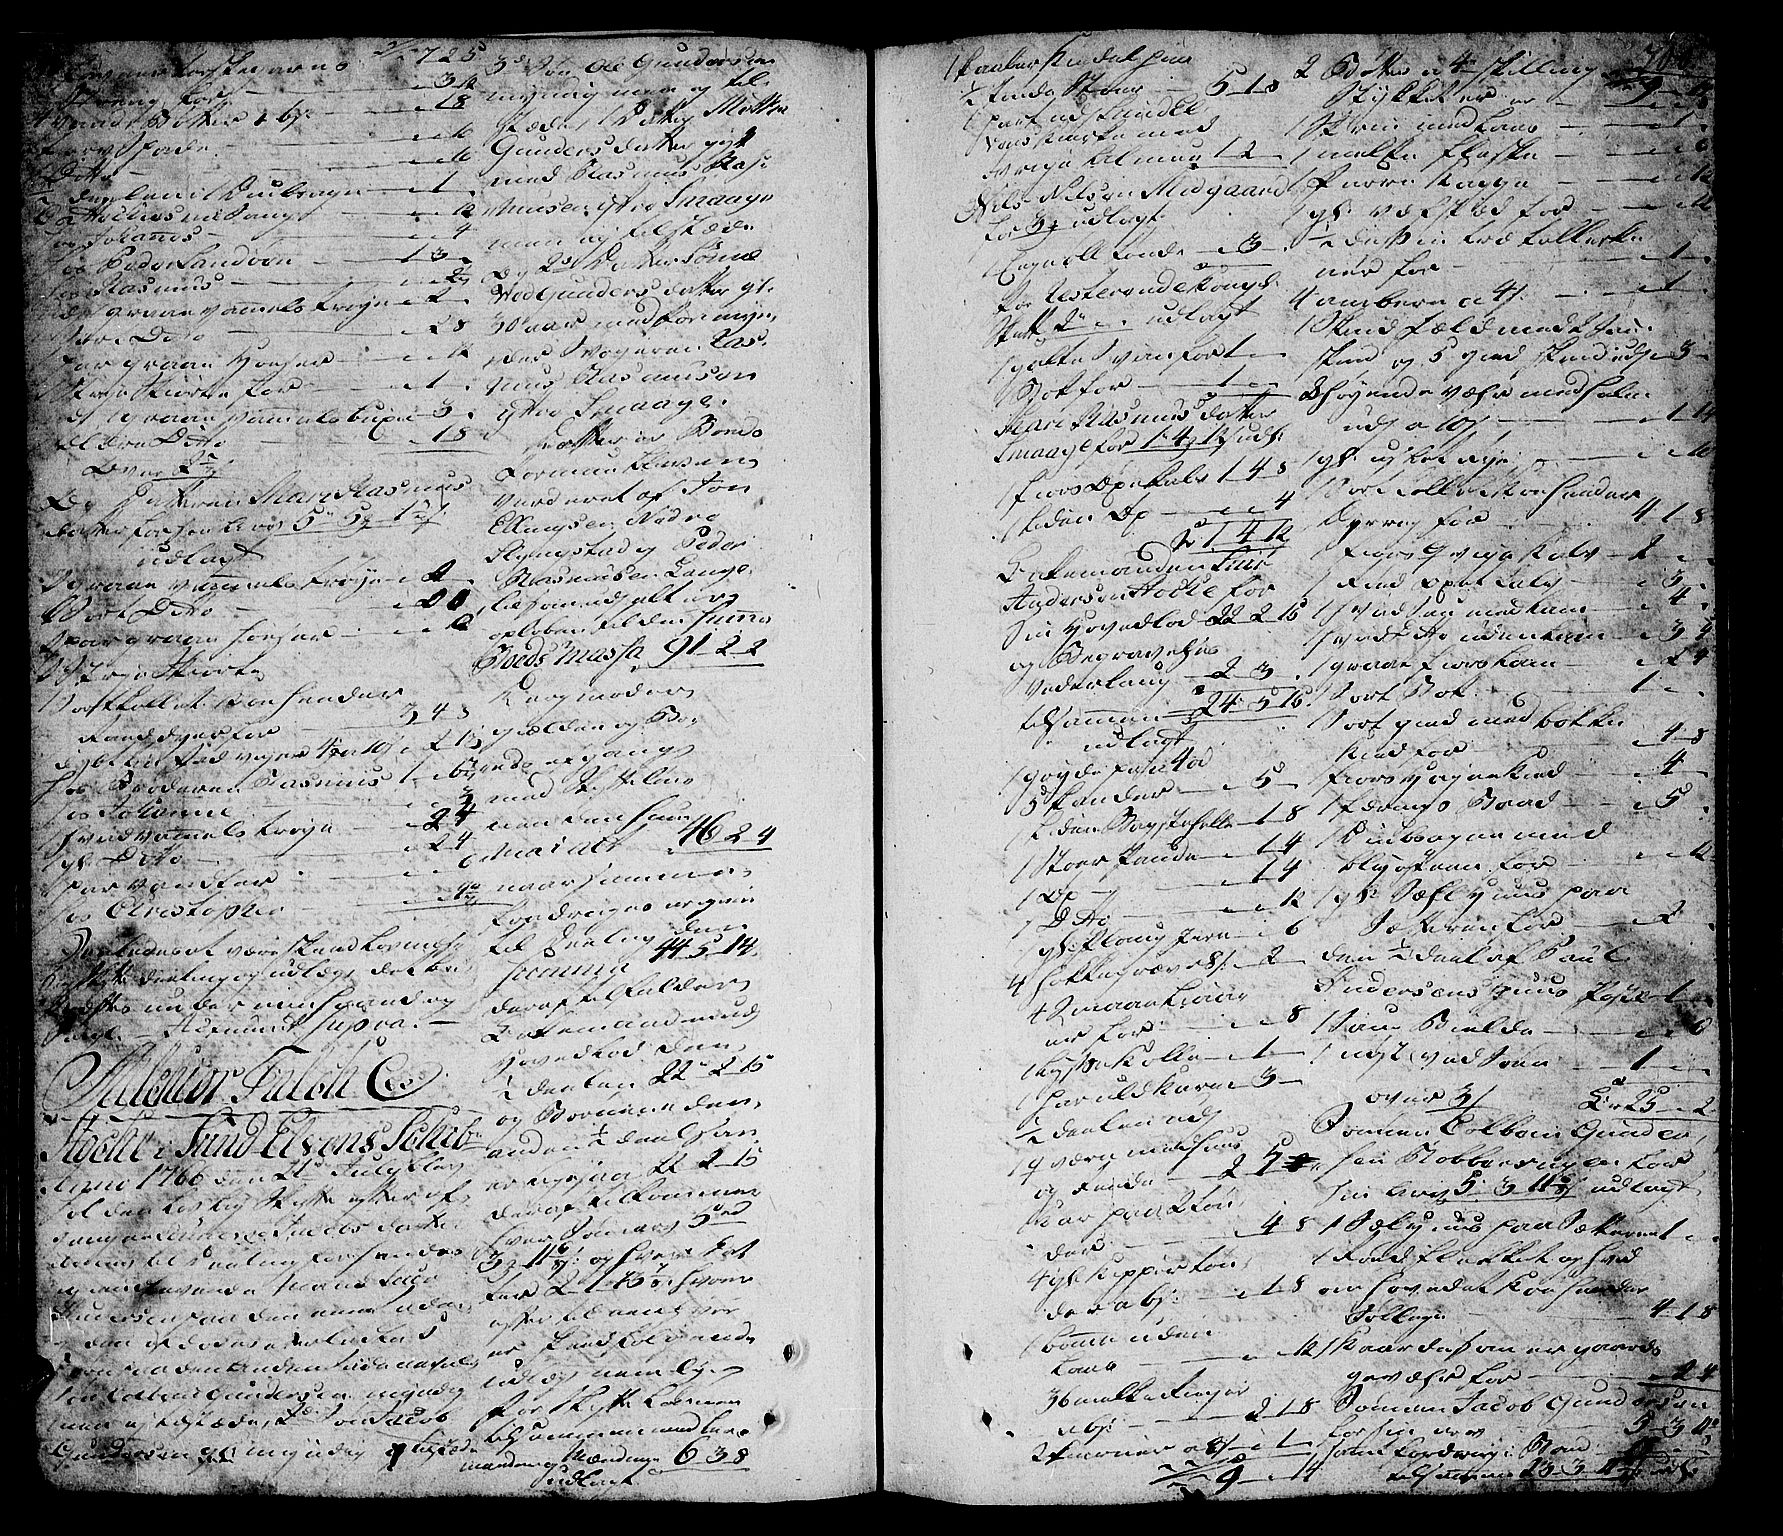 SAT, Sunnmøre sorenskriveri, 3/3A/L0022: Skifteprotokoll 15B, 1765-1767, s. 700